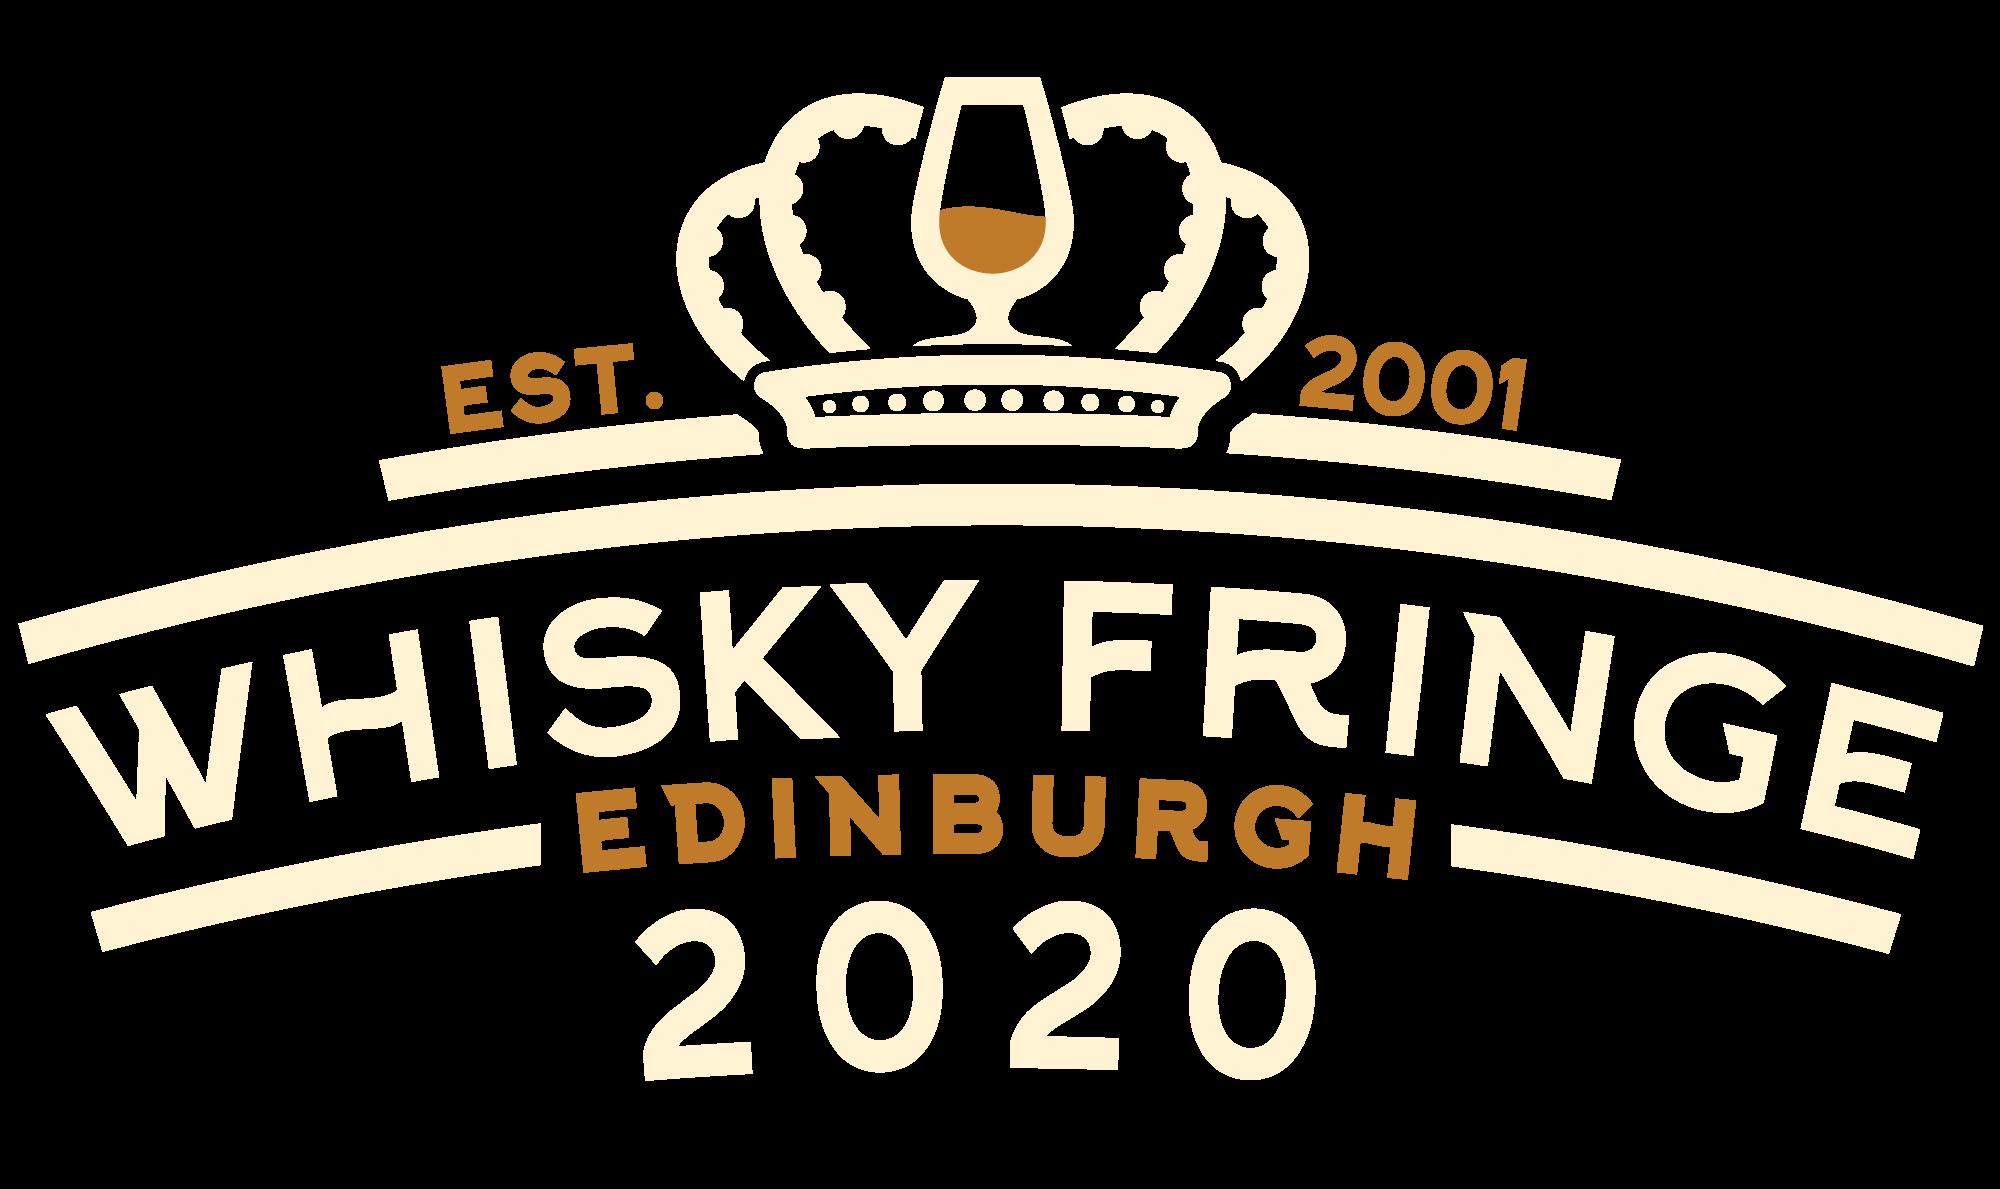 Whisky Fringe 2020 Logo